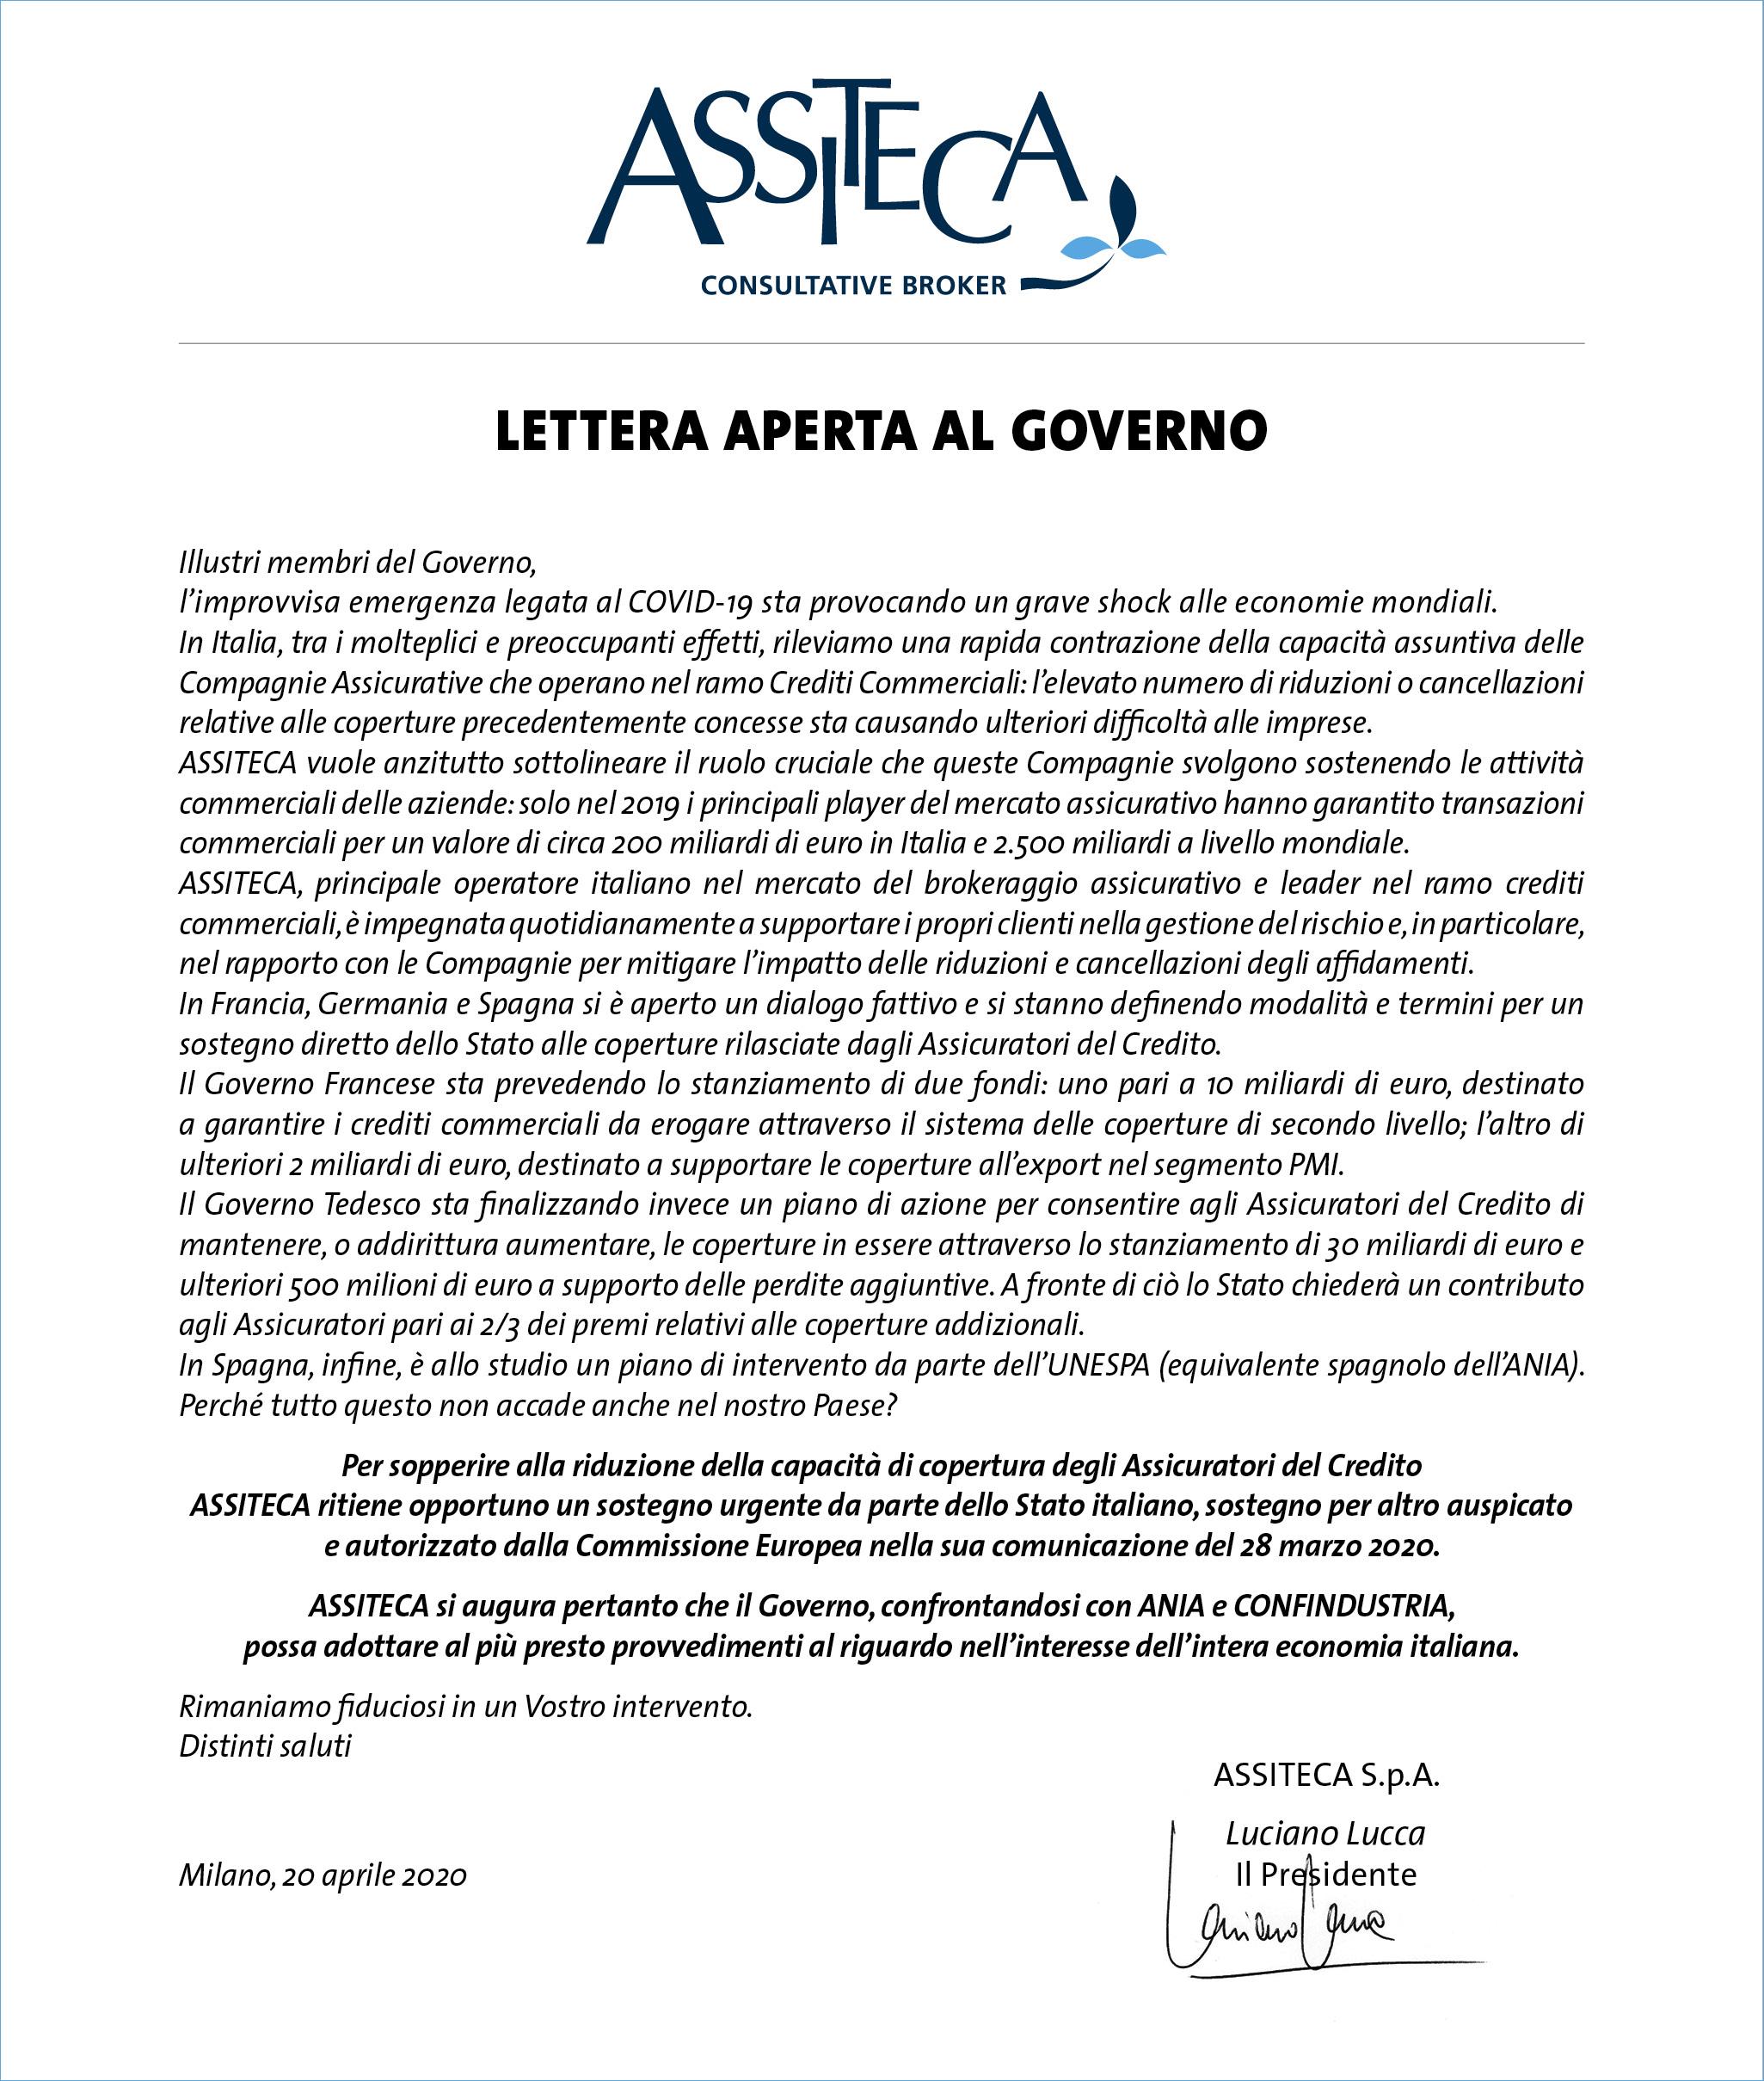 Lettera aperta ASSITECA al Governo